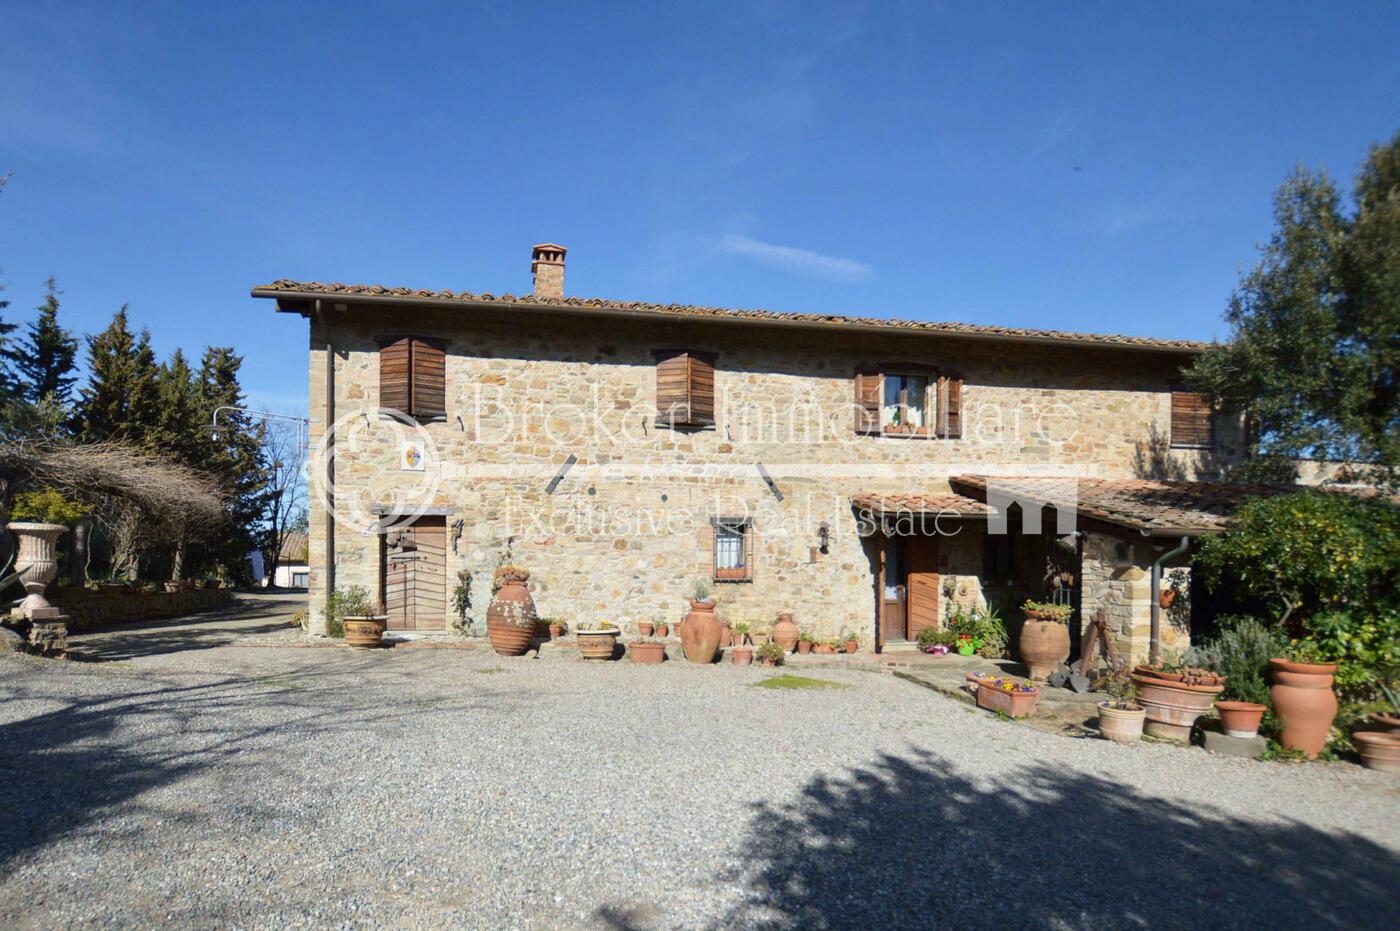 Casale in vendita sulle colline di Pisa, con due depandance e oliveto